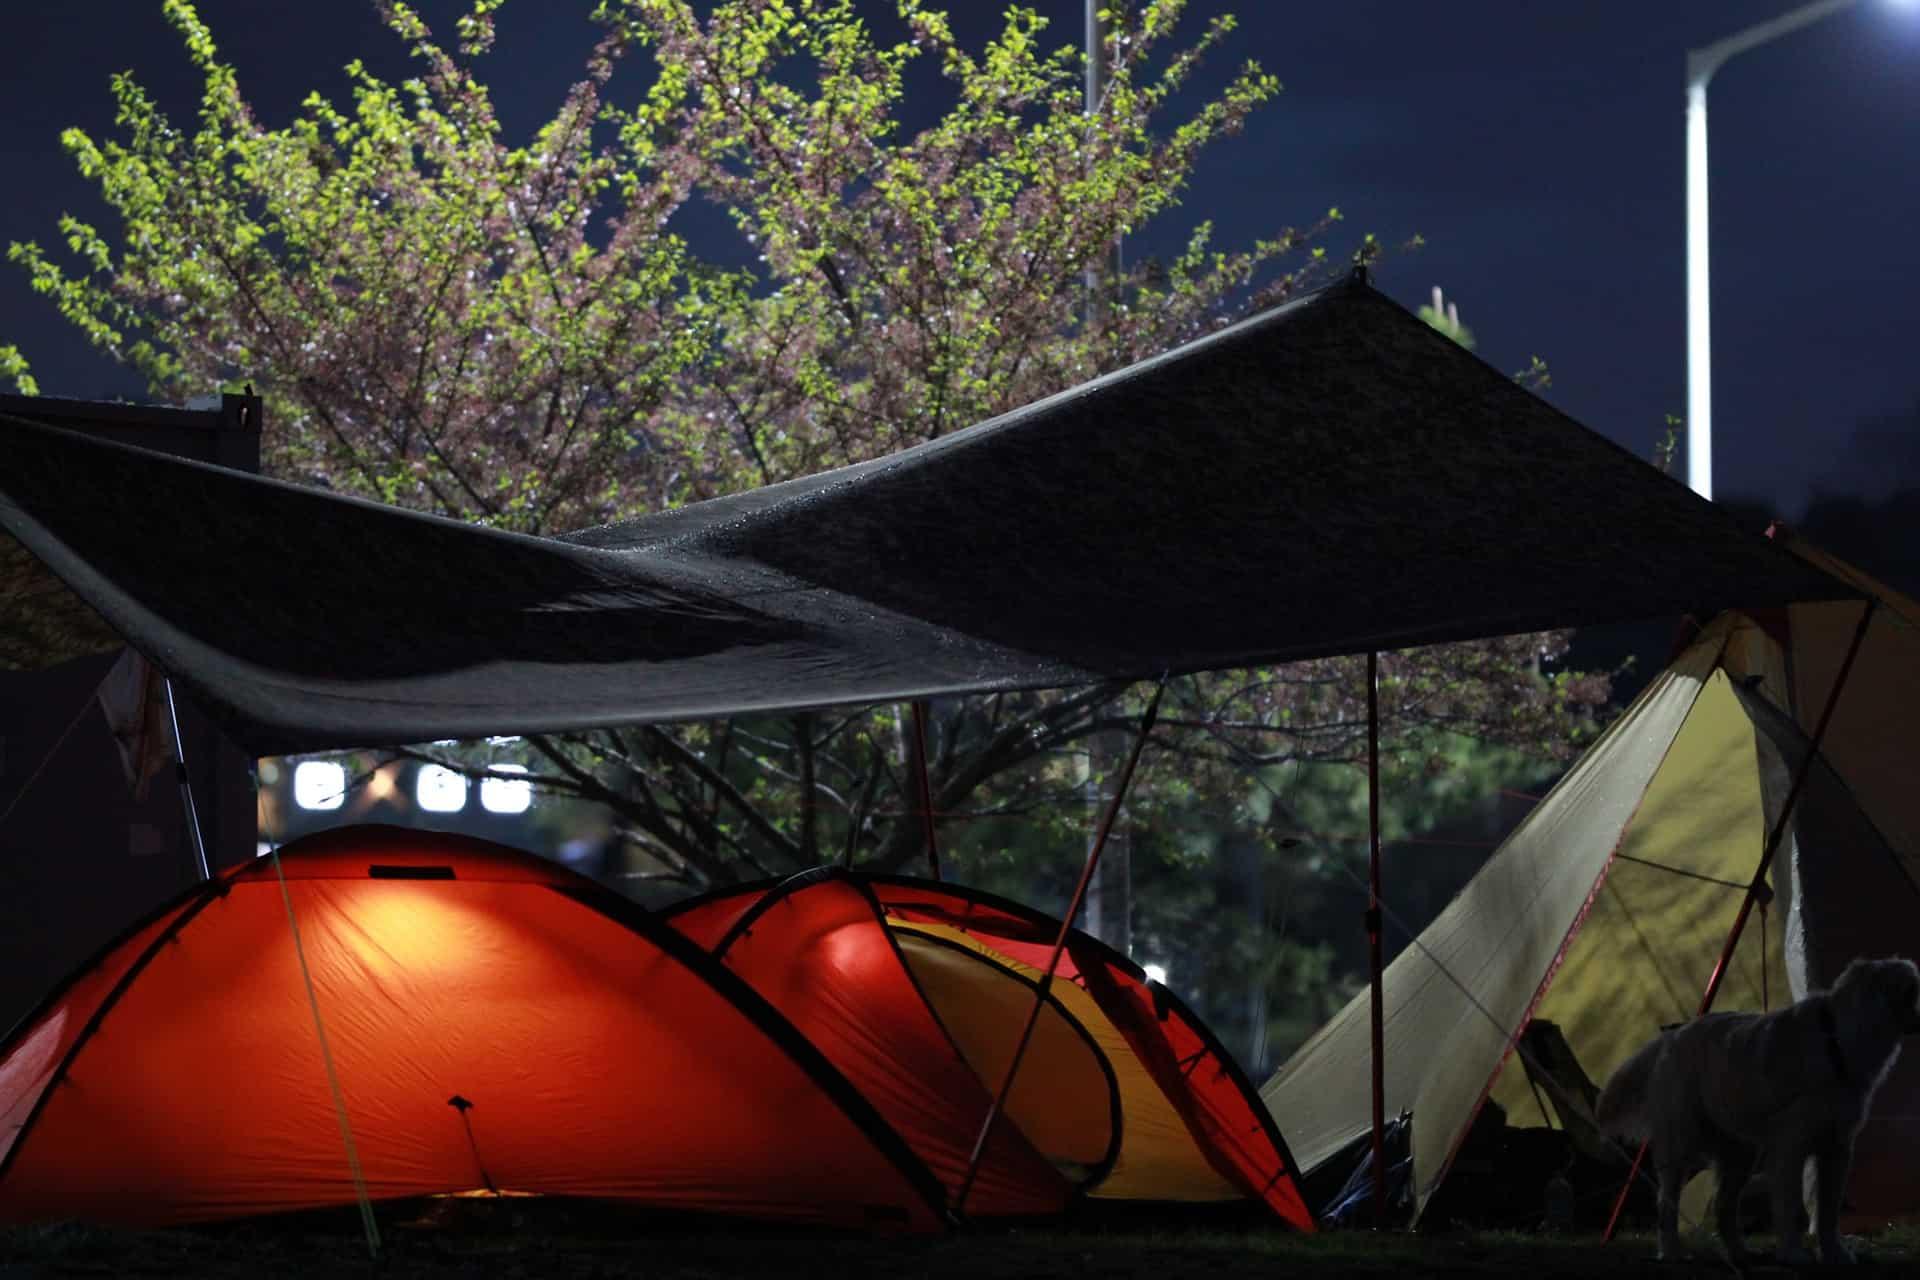 Imagem de uma tenda cobrindo algumas barracas em um acampamento.